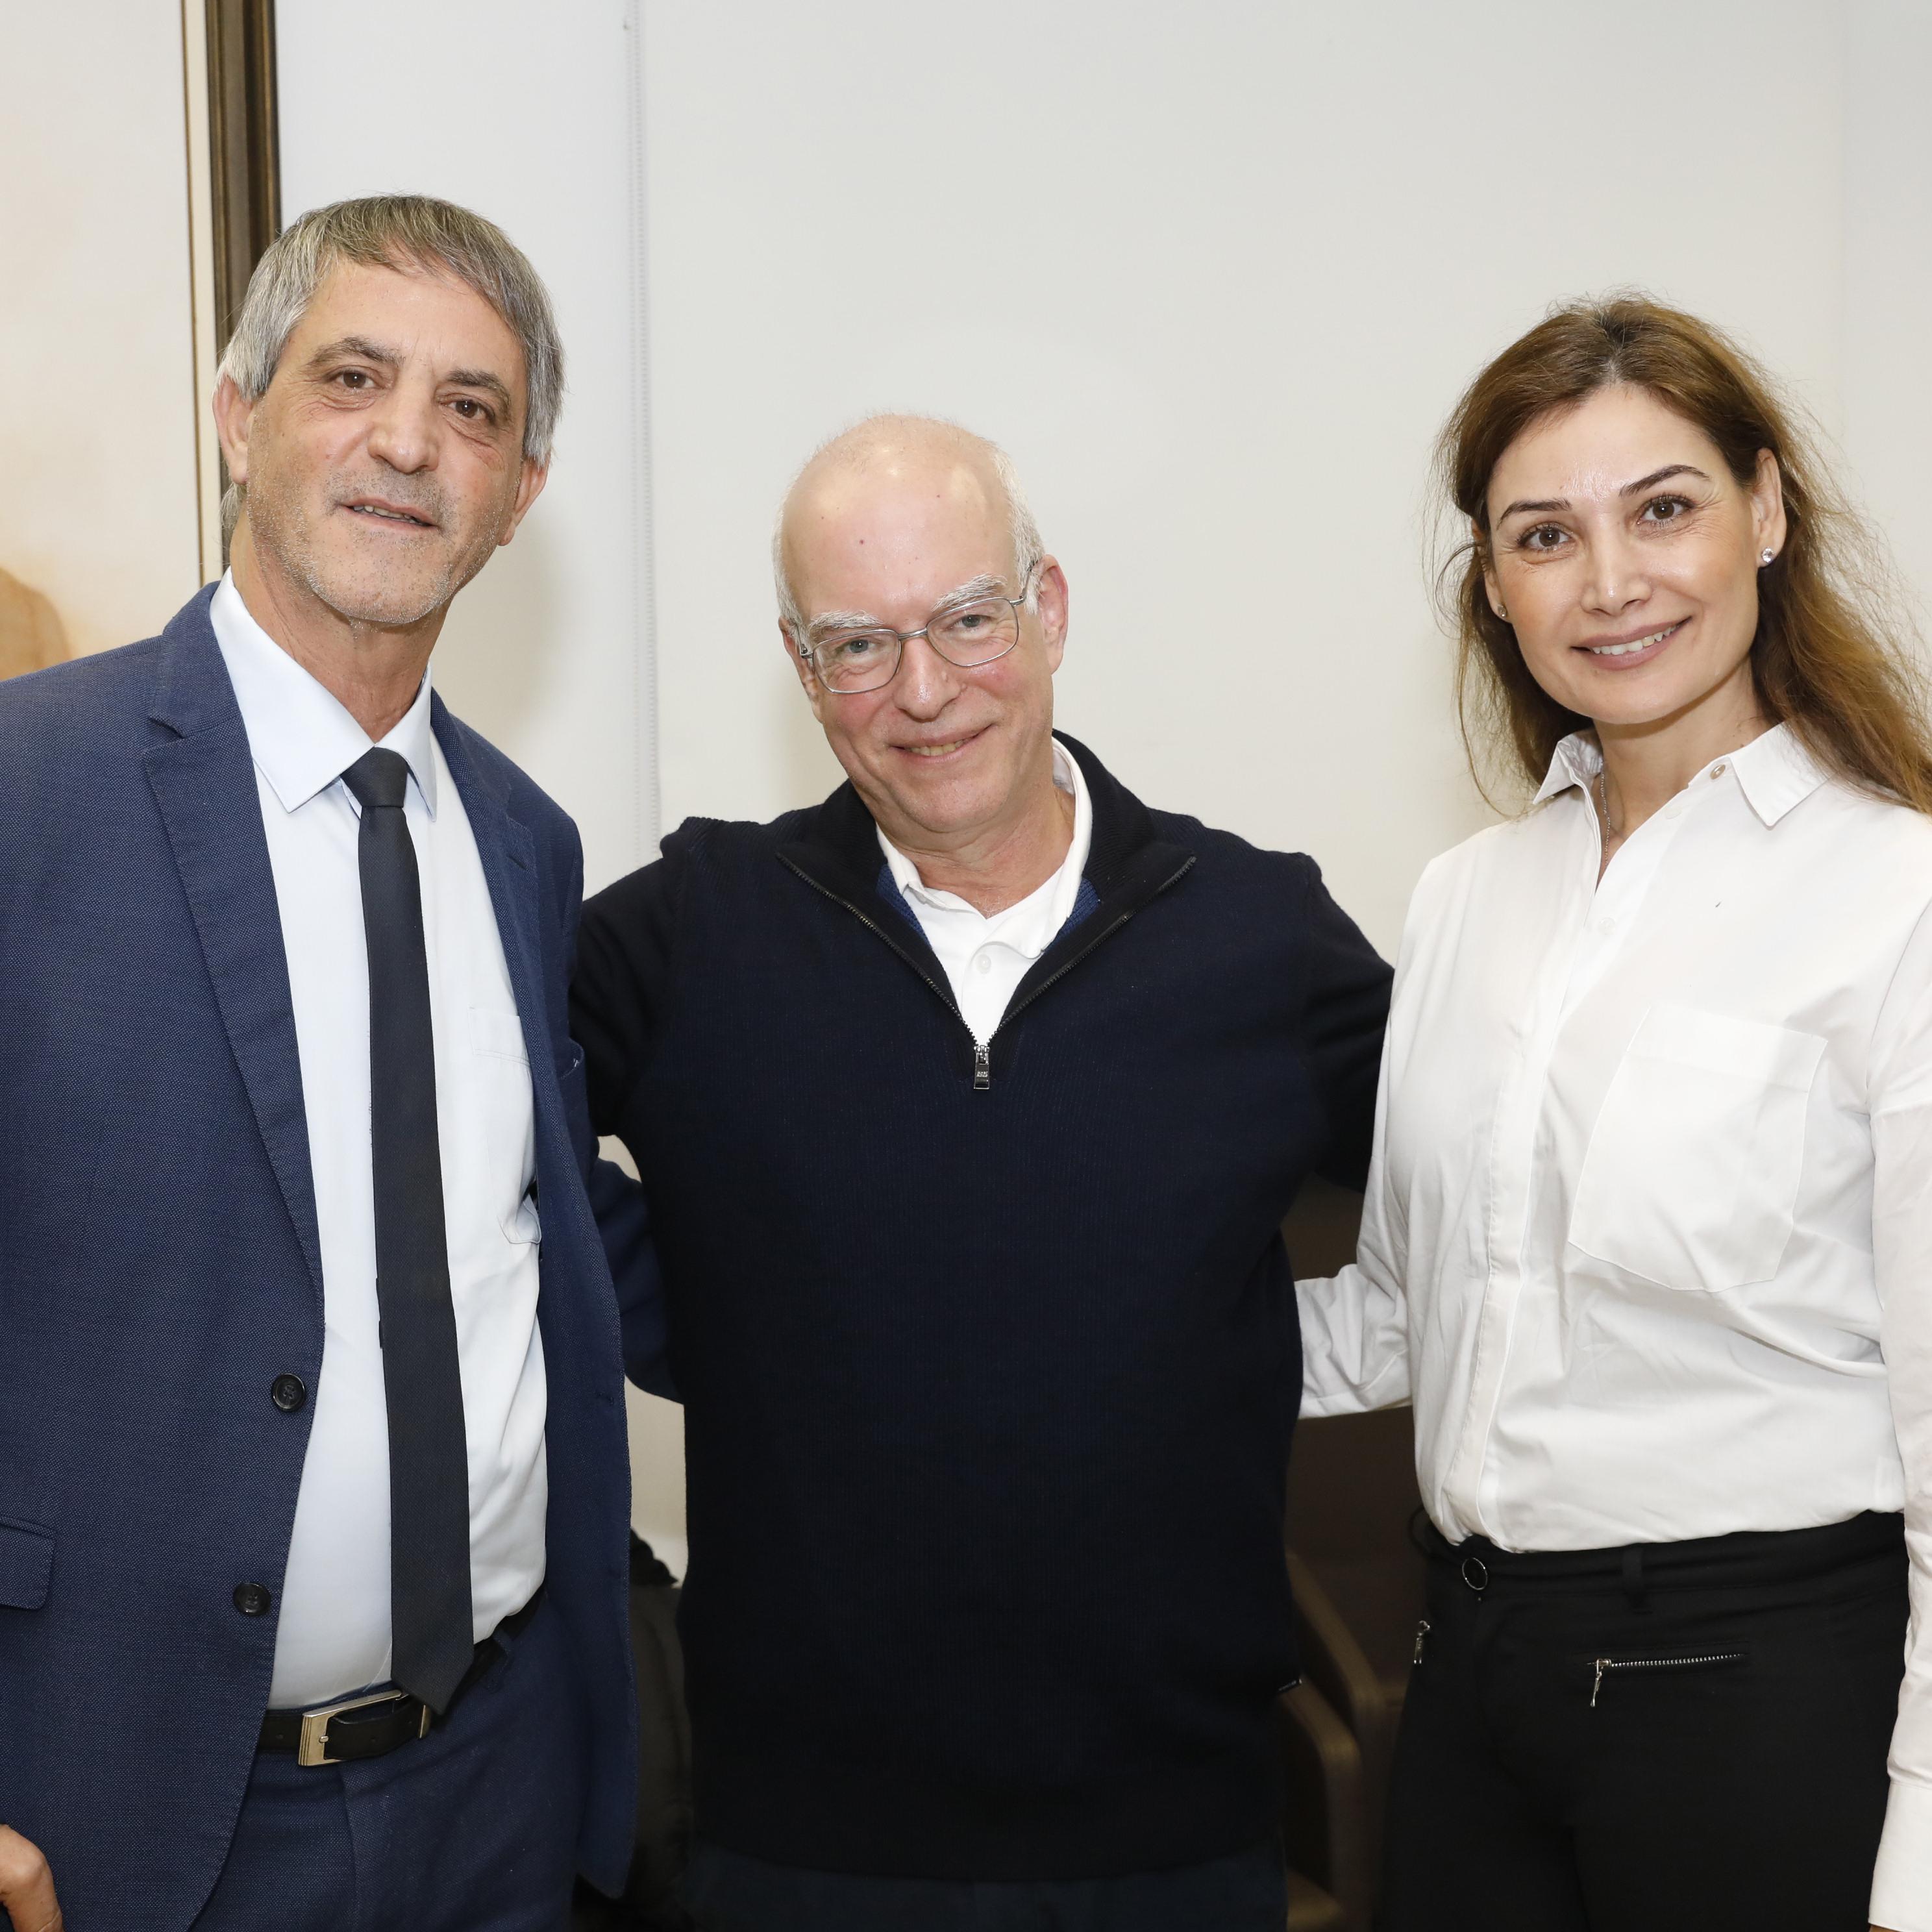 מפגש מיוחד של נשיא אוניברסיטת תל אביב עם בוגרות ובוגרים שמונו לתפקידים בכירים במשק בשנת 2019